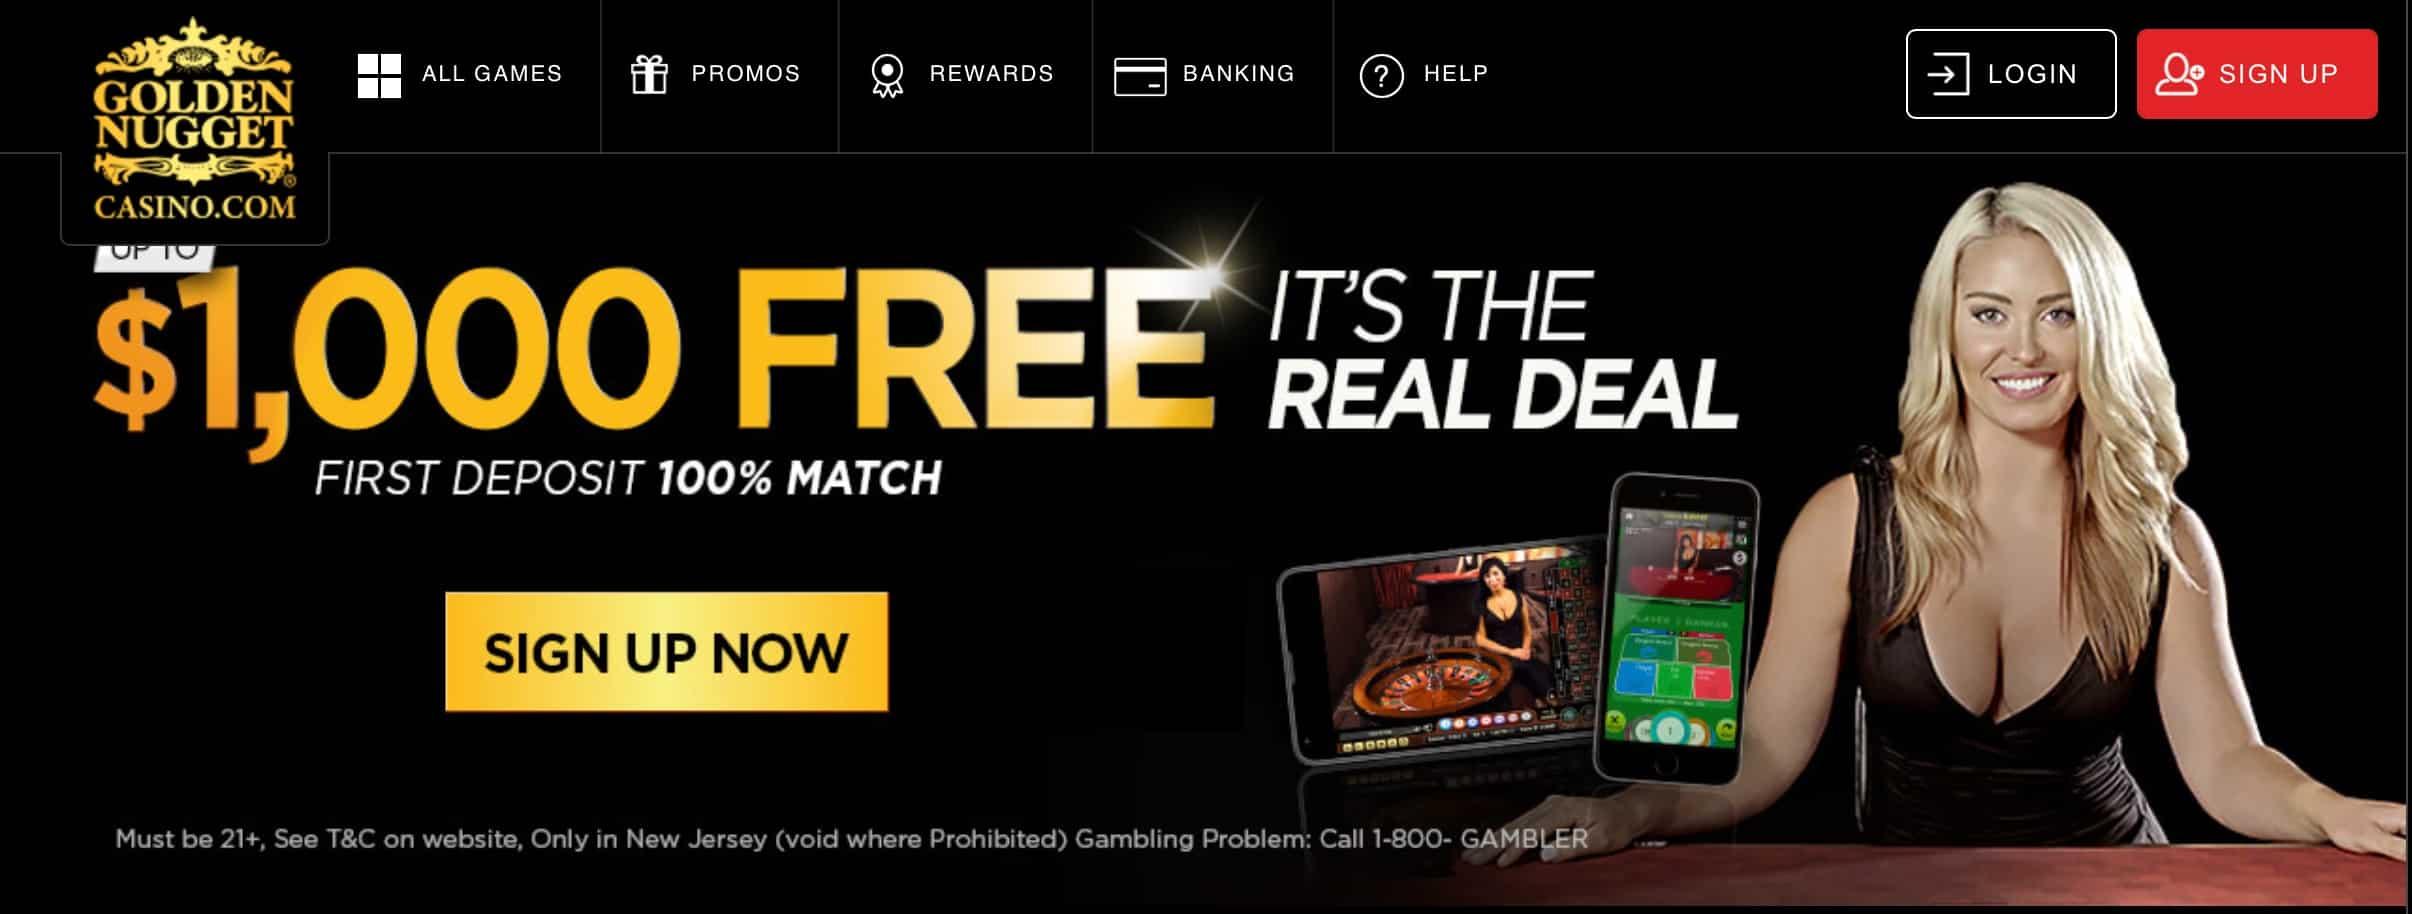 golden nugget casino online nj